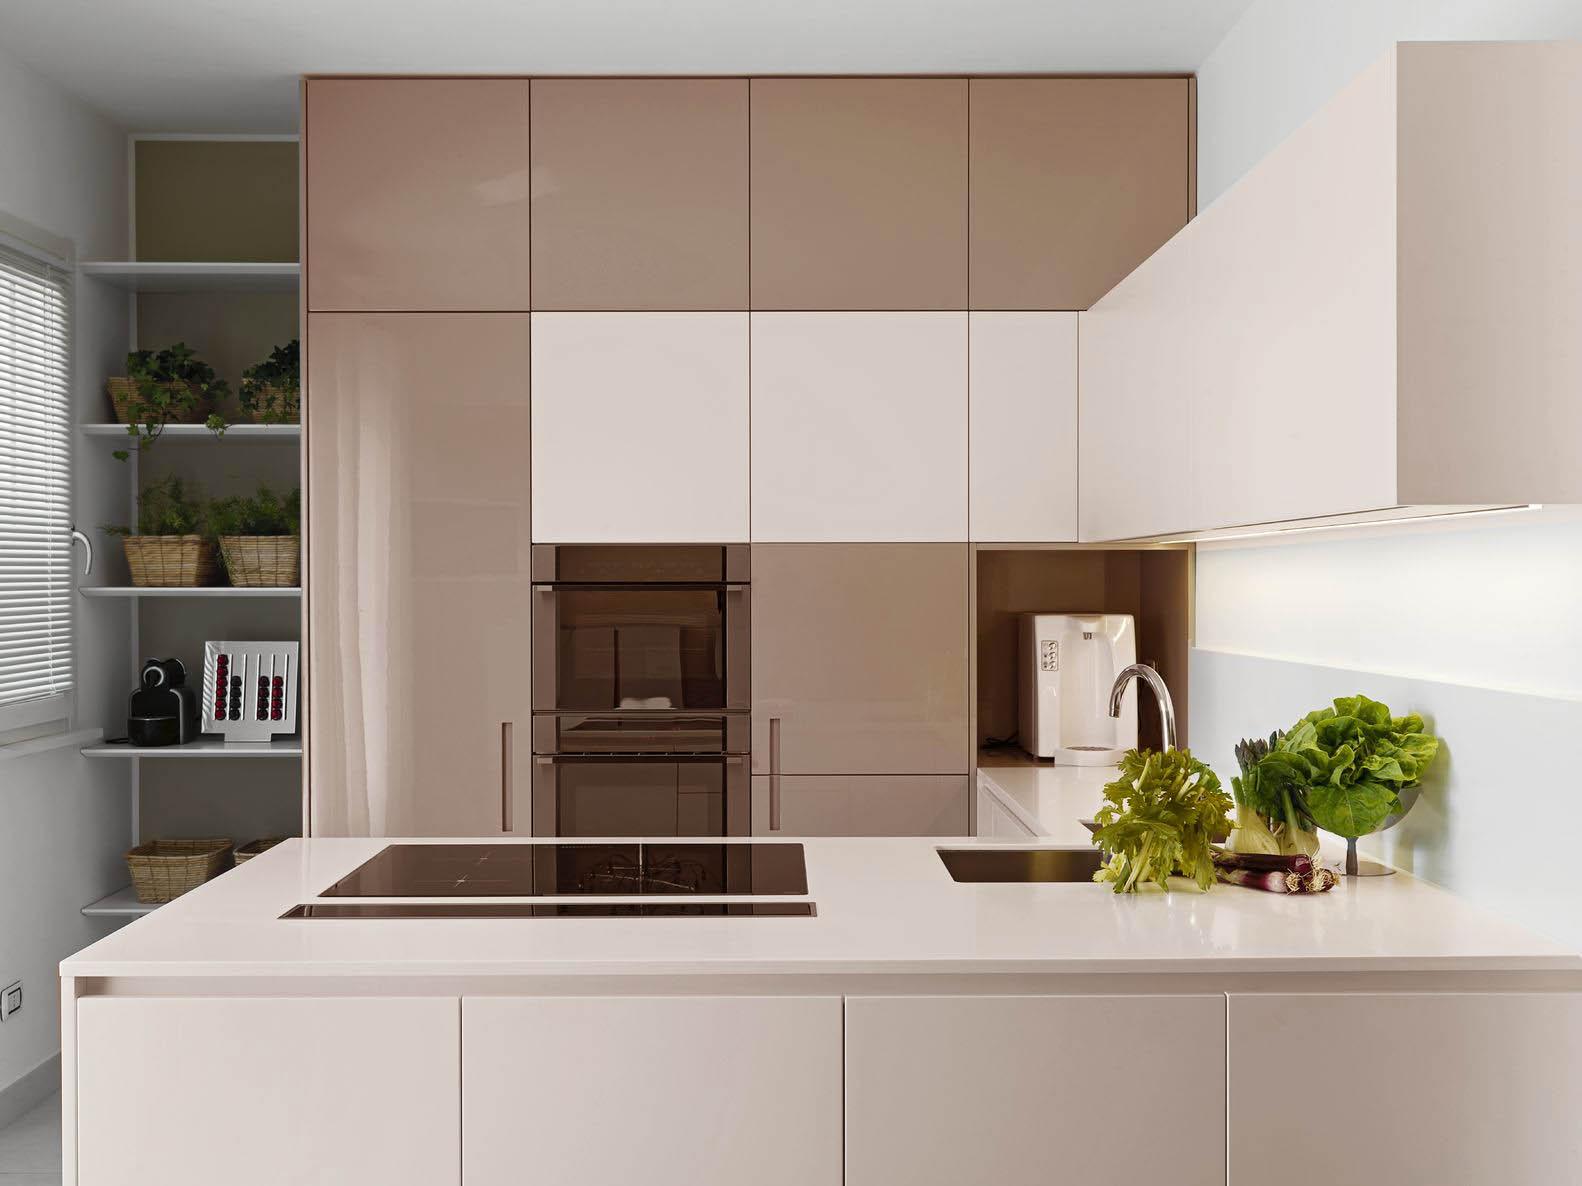 מטבח מודרני איכותי דגם בילמה משופר